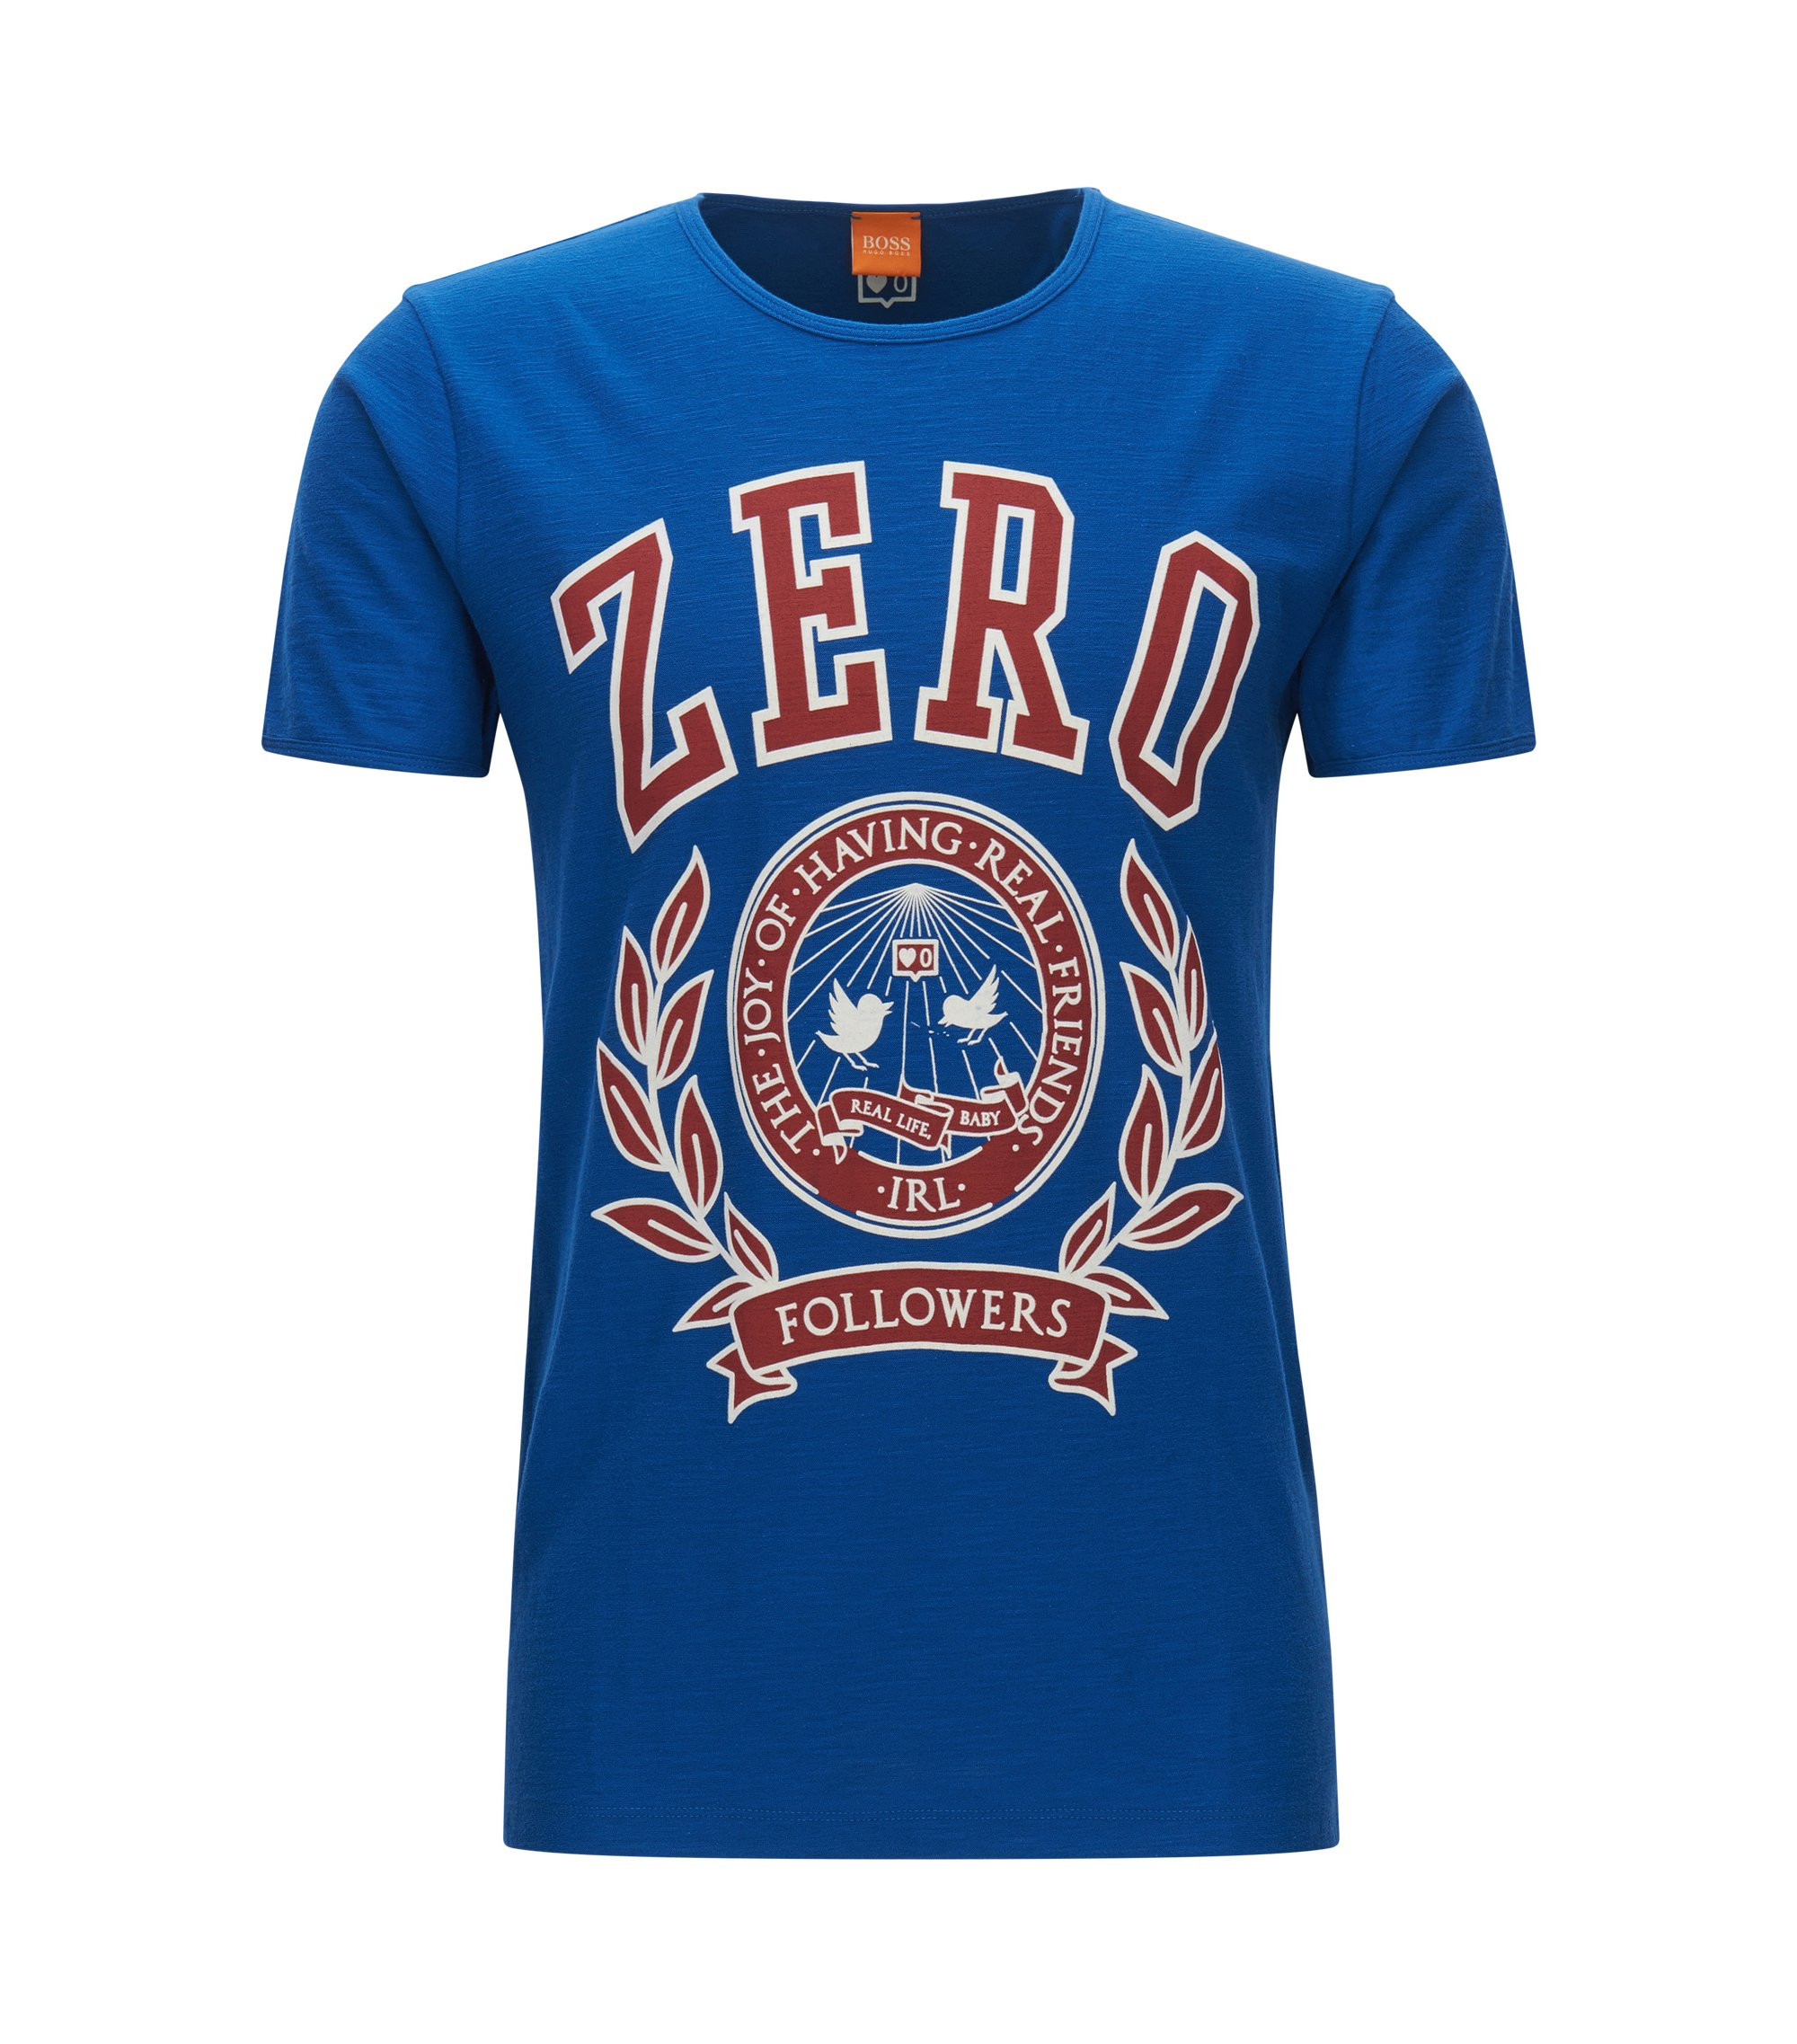 Stretch Cotton Graphic T-Shirt | Tee, Dark Blue